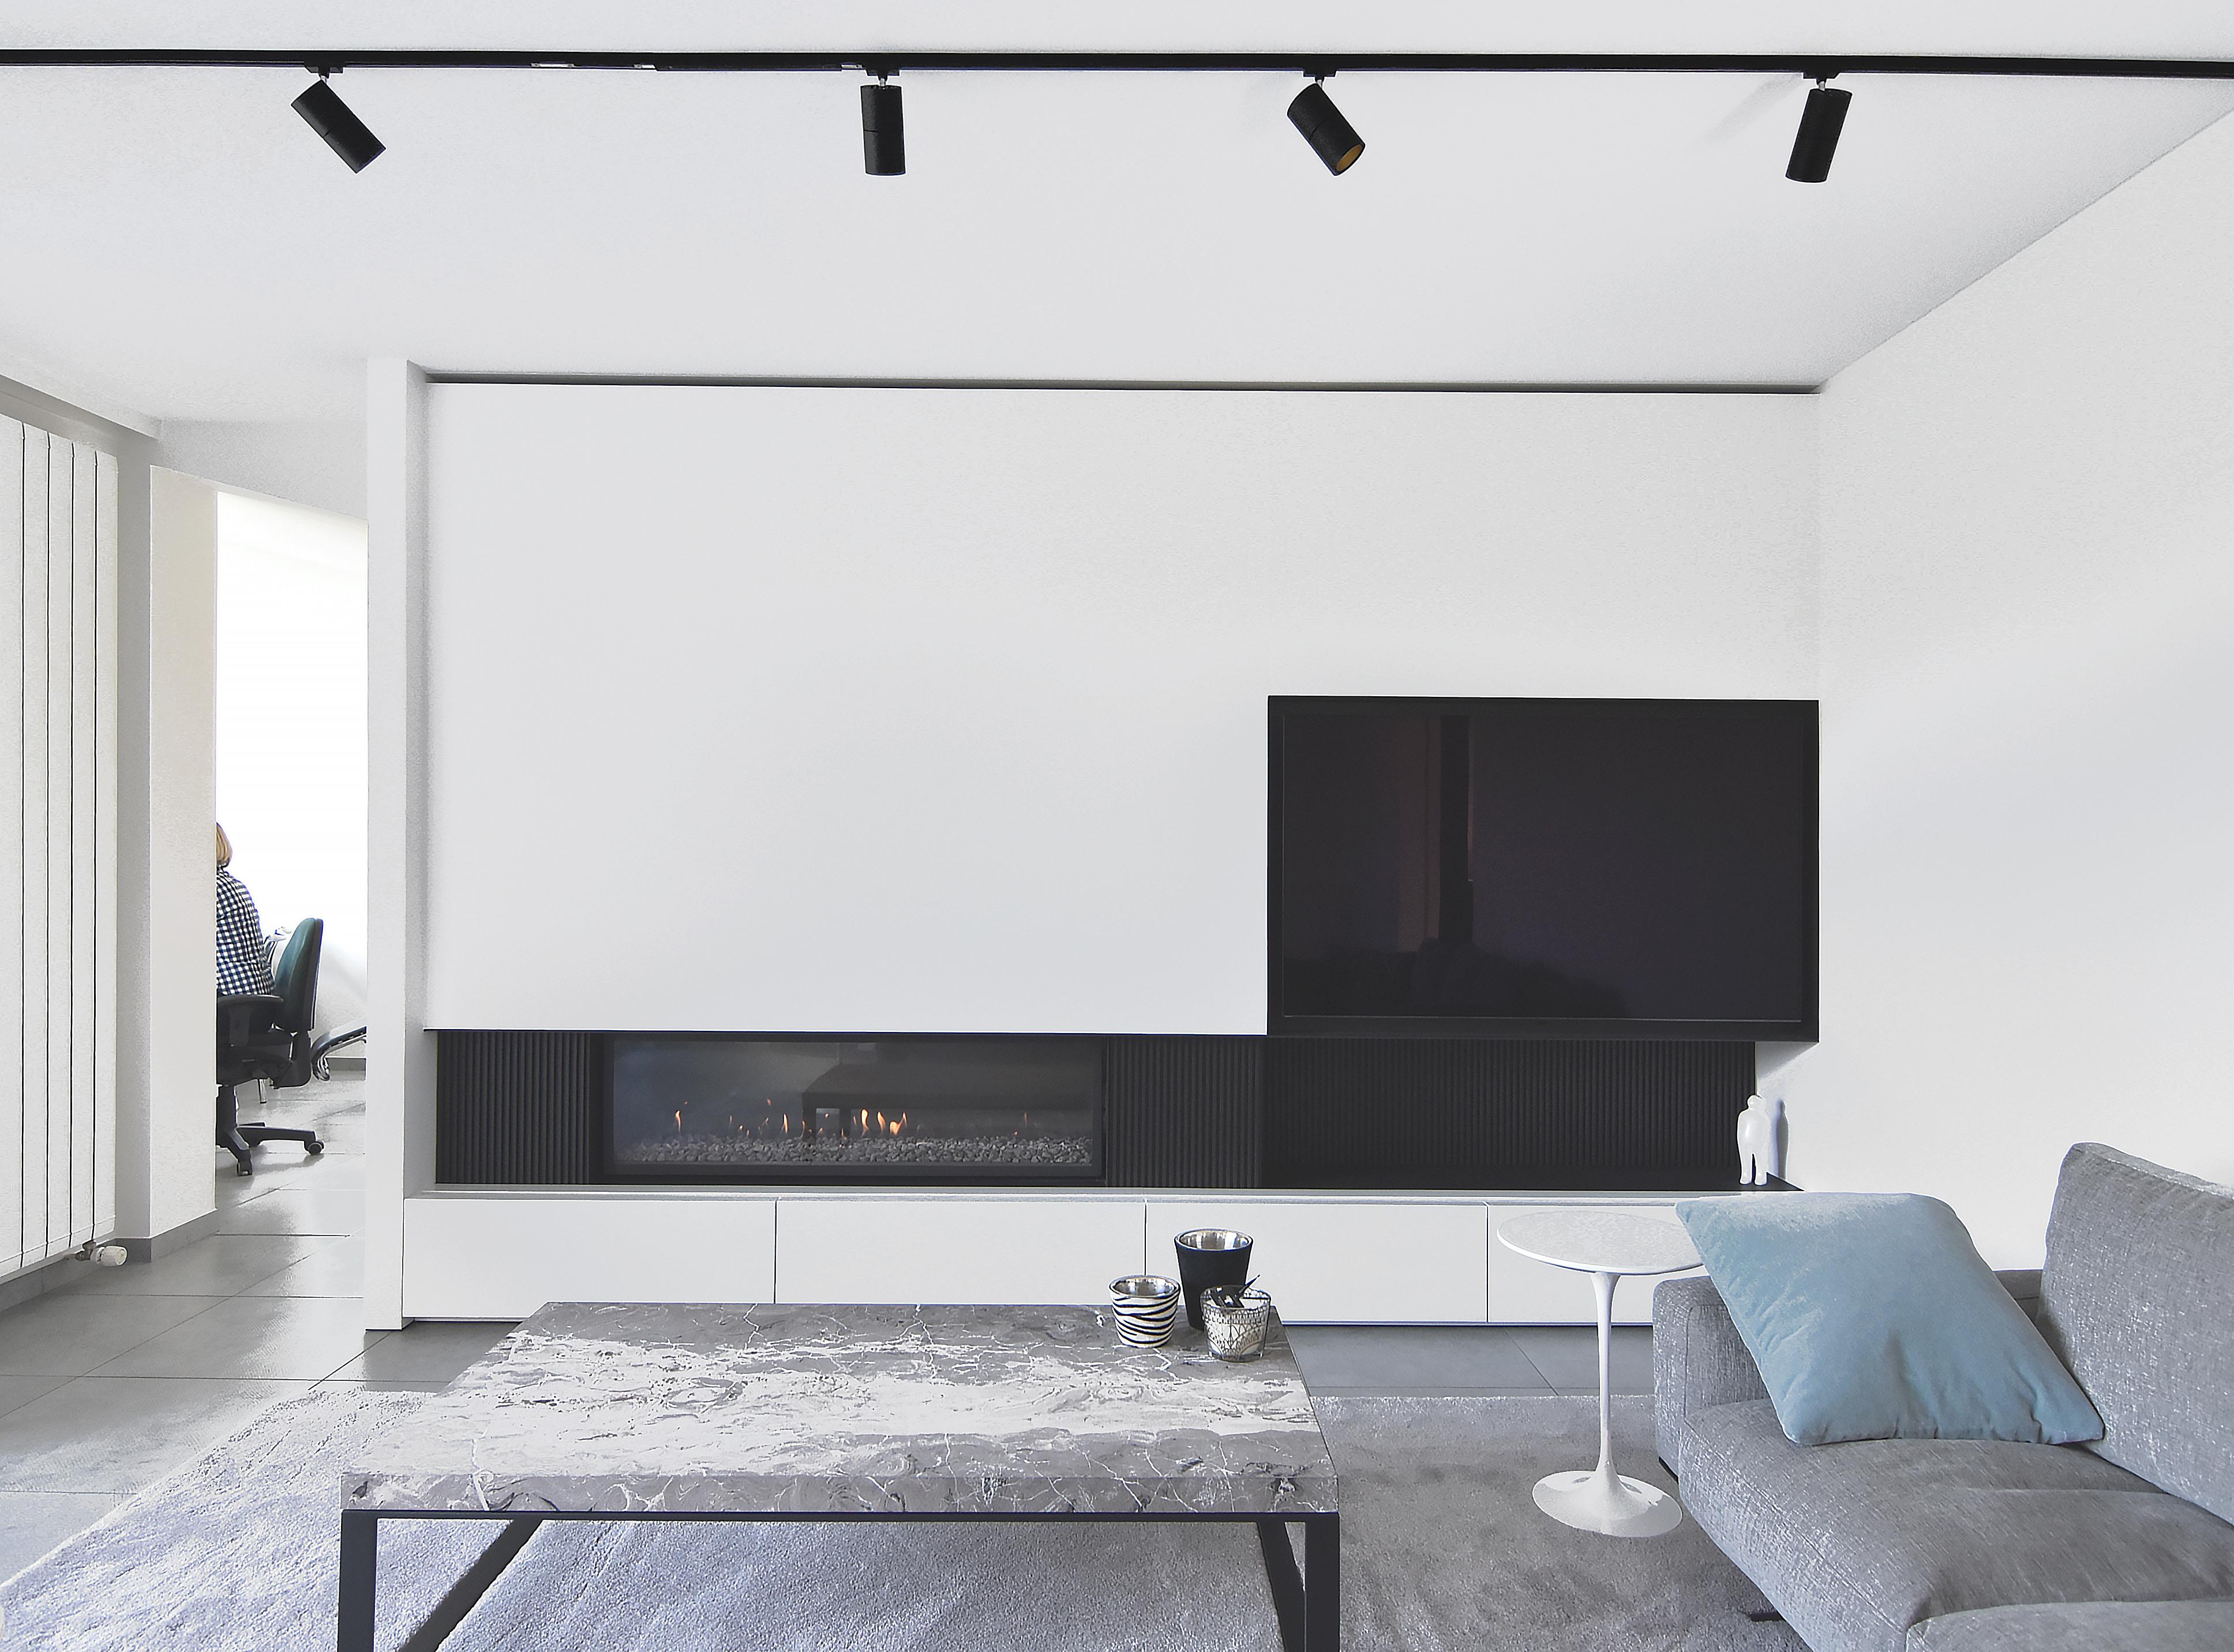 meubel interieur schrijnwerker